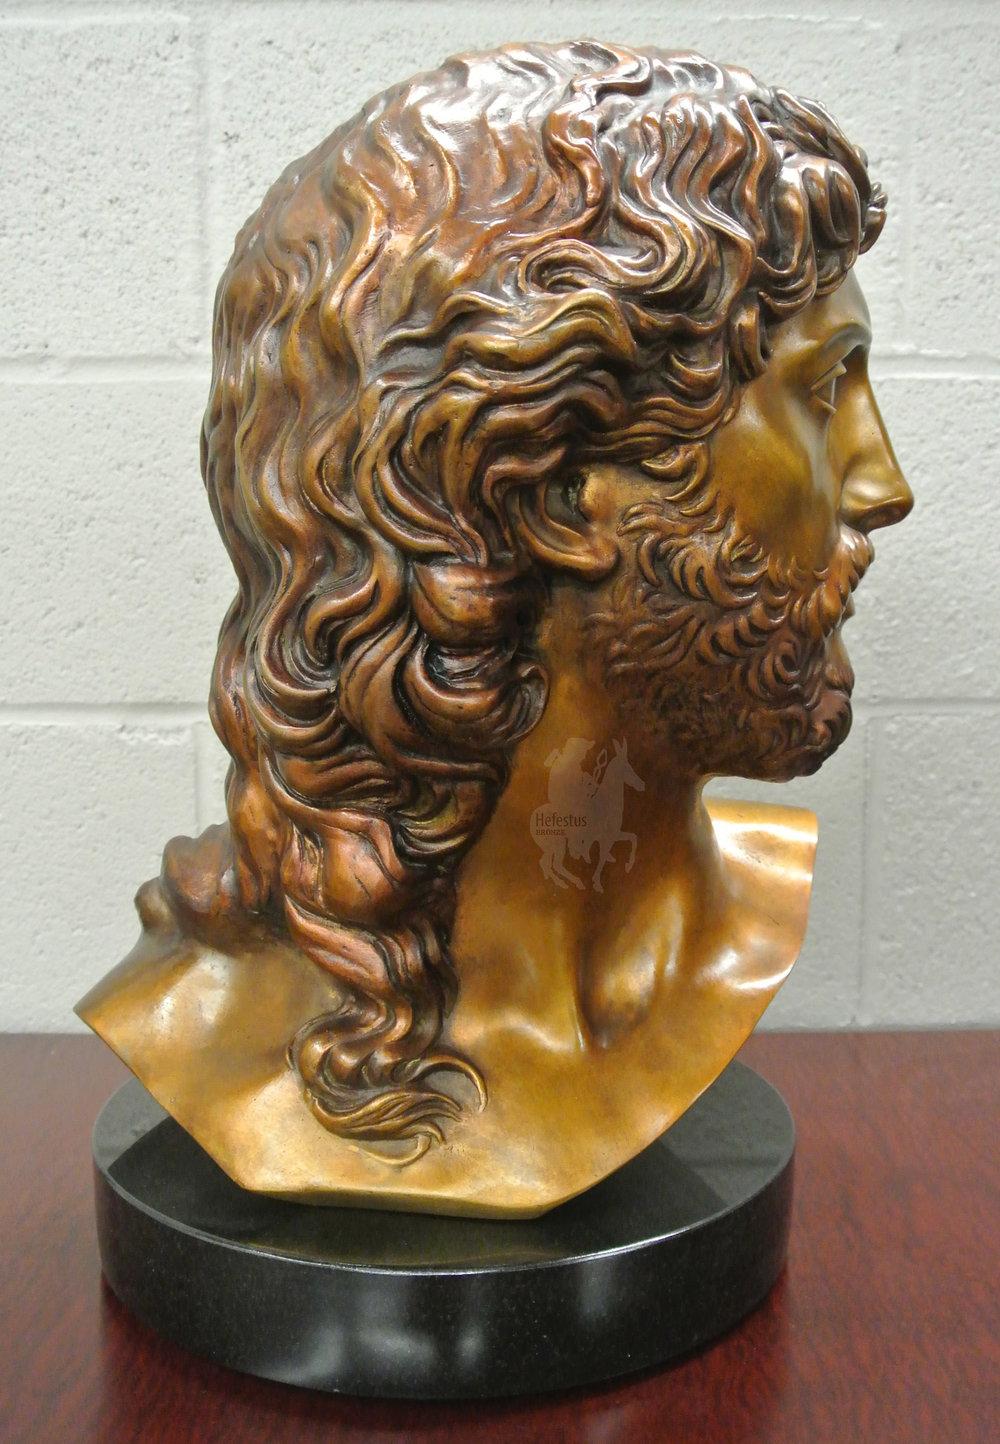 Michelangelo's Resurrected Christ Bust in Bronze - 2